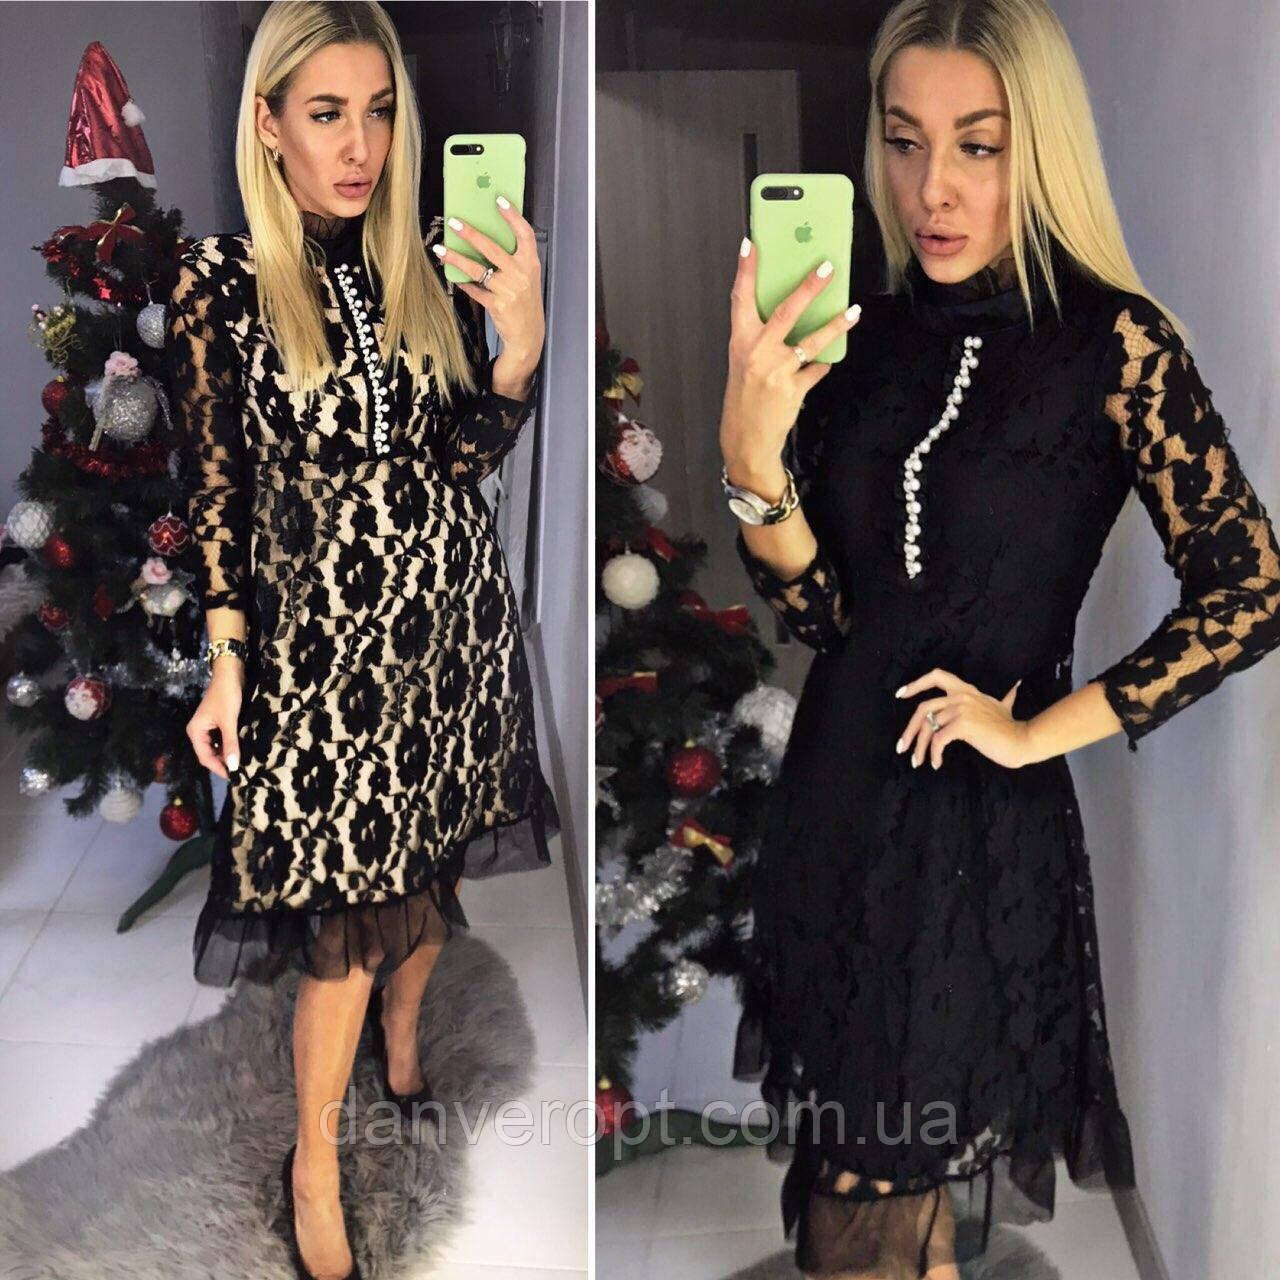 235c9aeee95 Платье женское модное размер M-L купить оптом со склада 7км Одесса ...